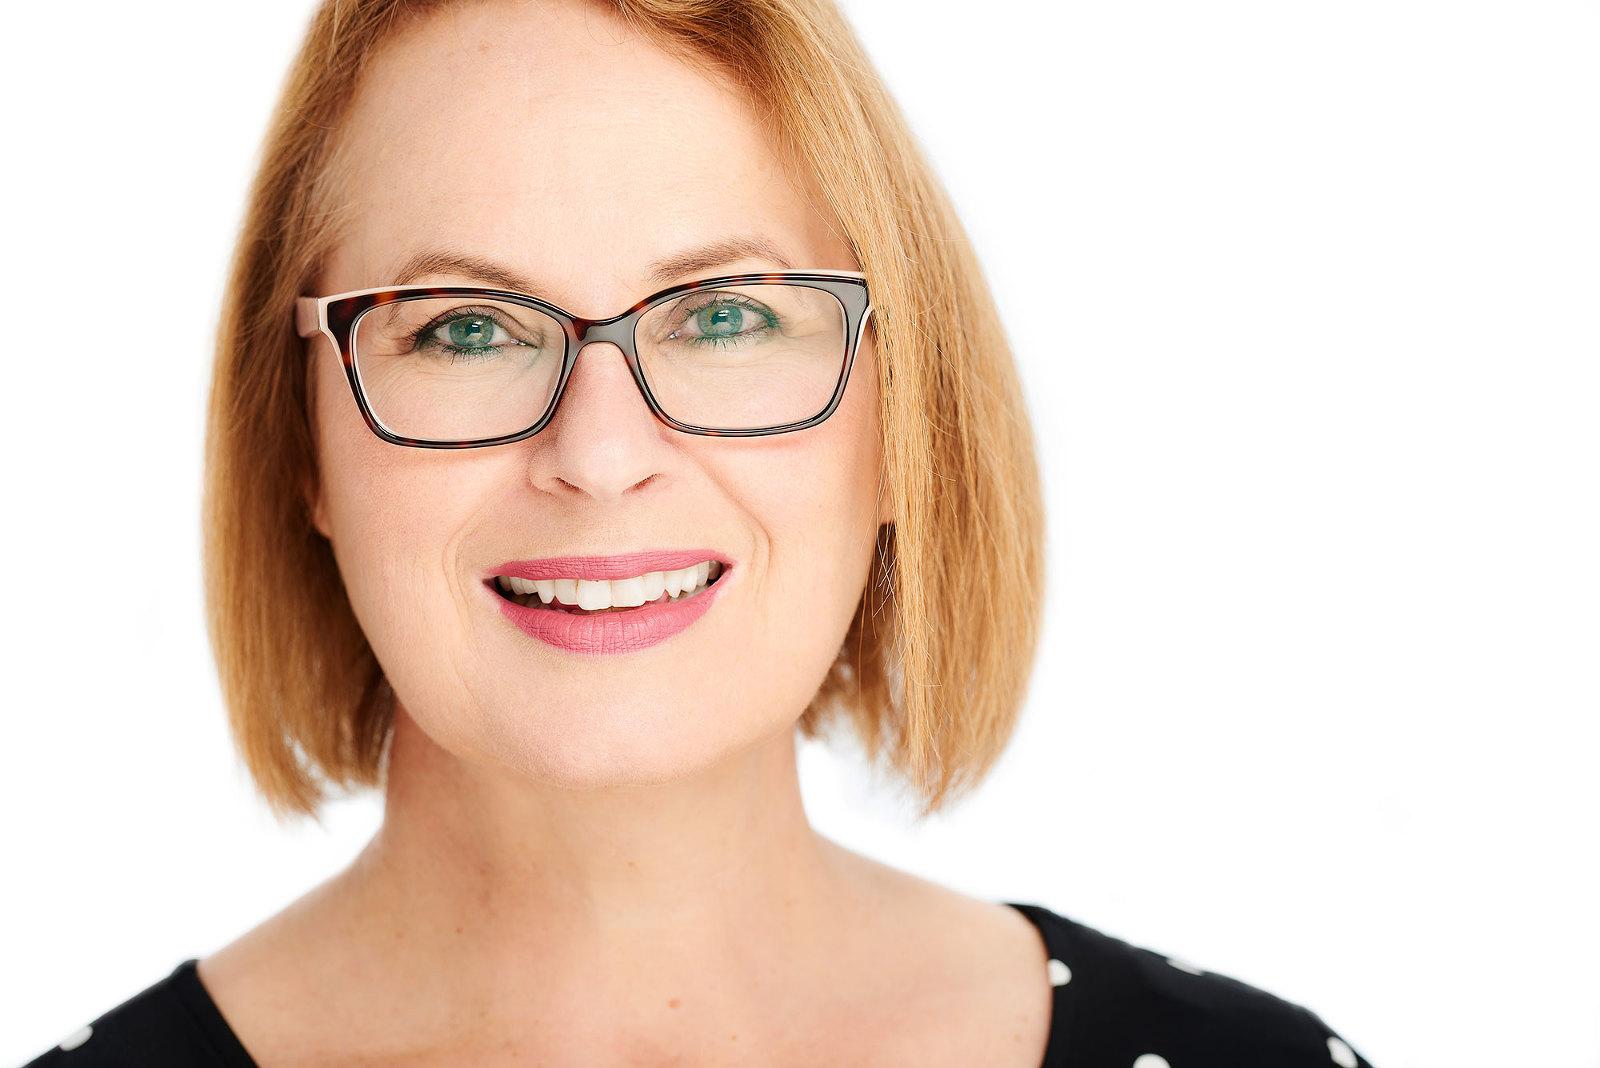 Sydney Linkedin Photos of Danielle